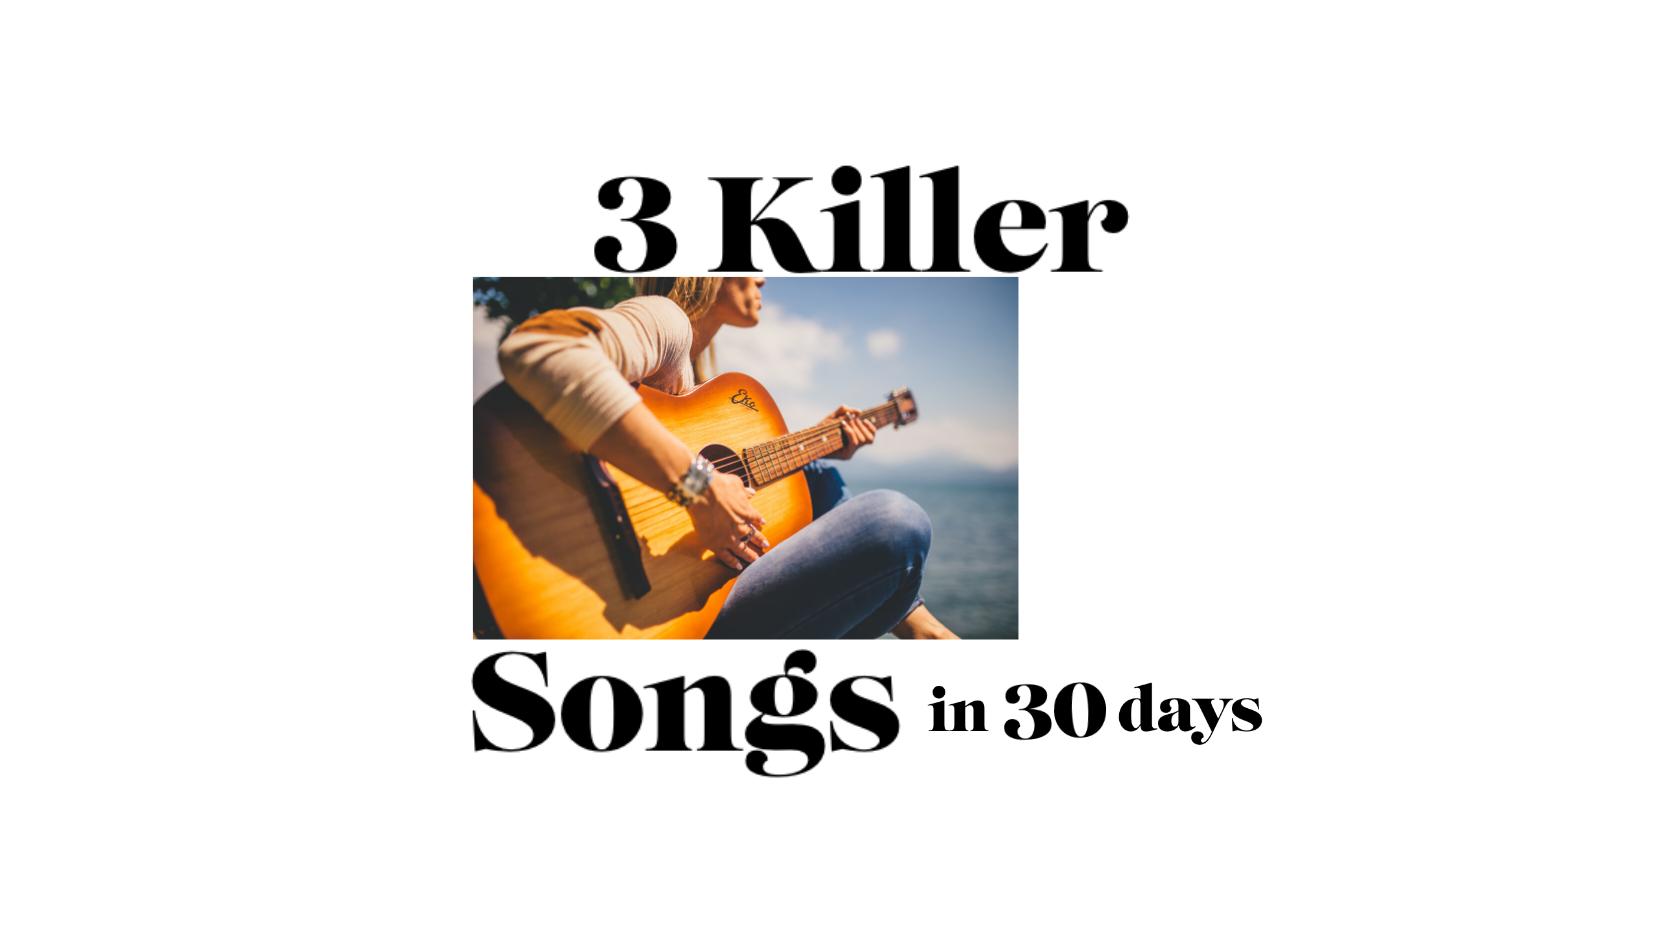 3 Killer Songs in 30 Days